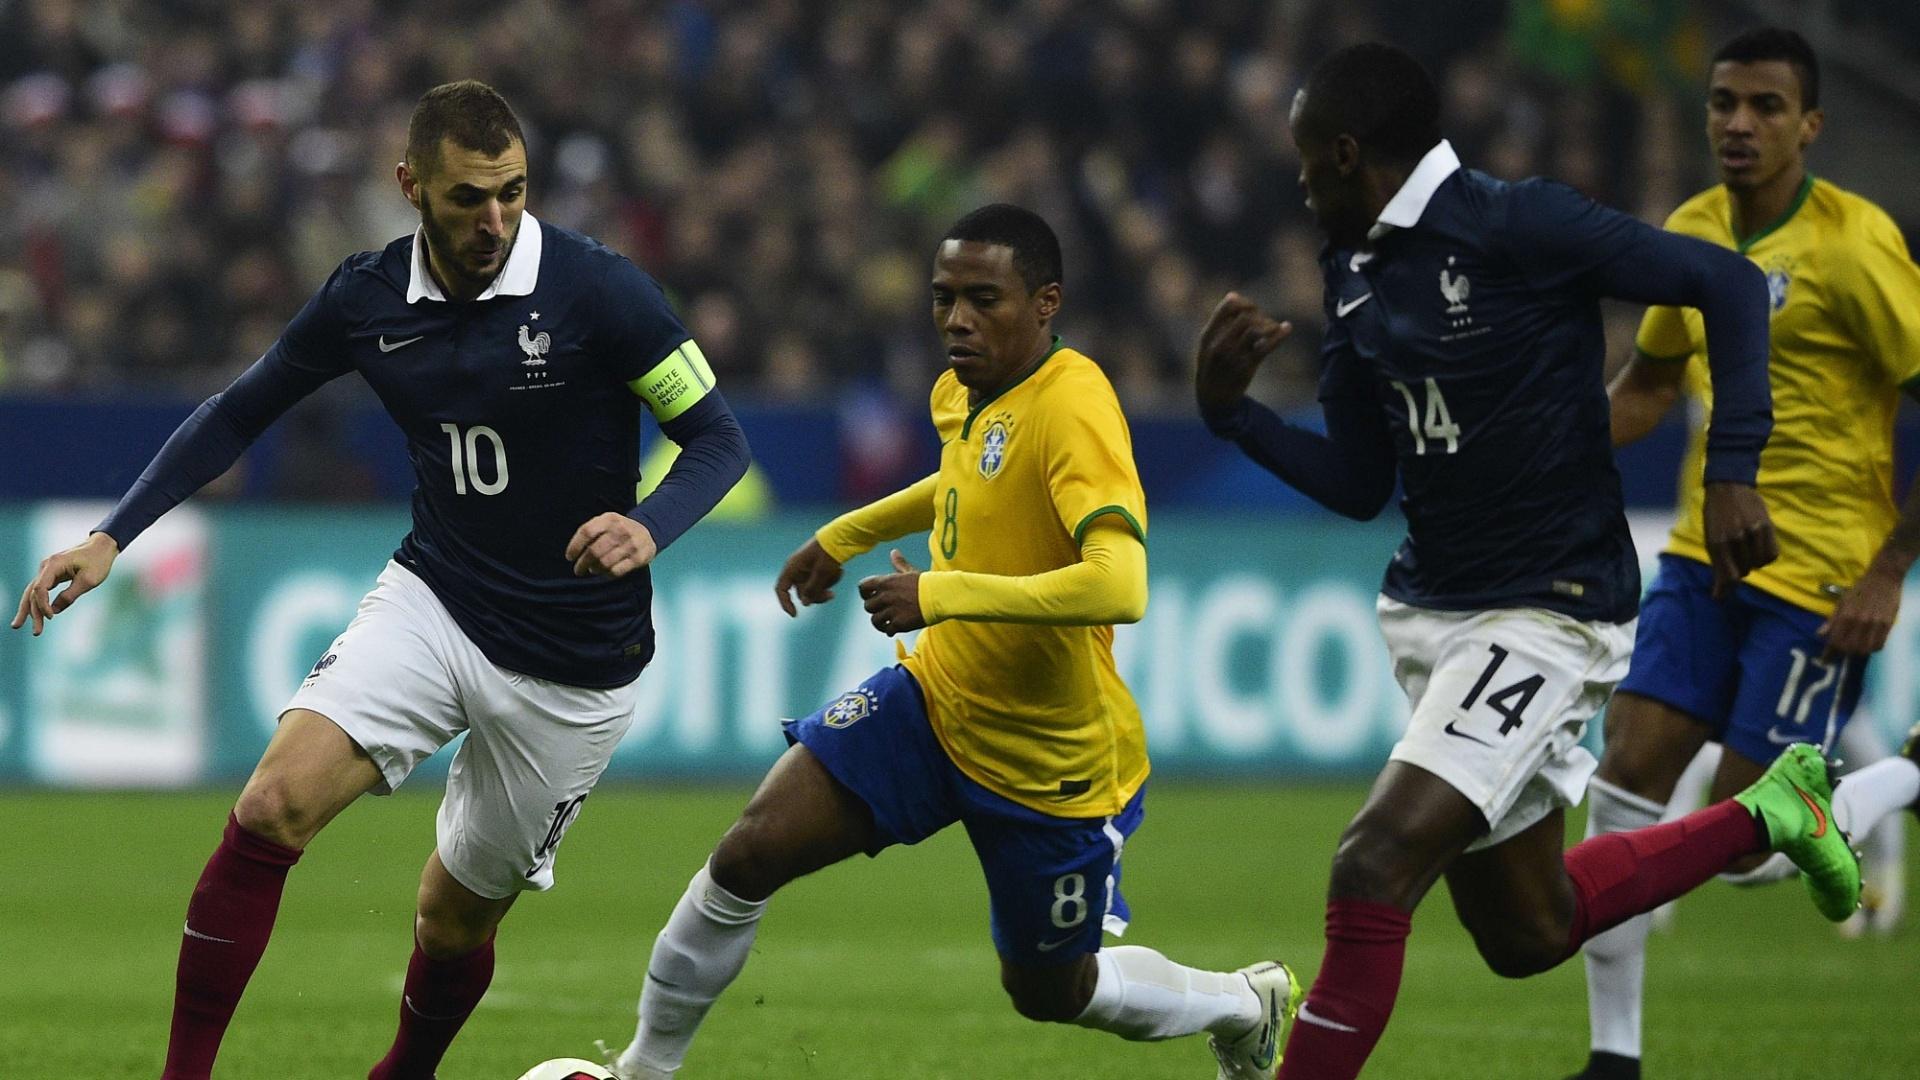 Elias tenta escapar da marcação francesa durante amistoso da seleção brasileira em Paris